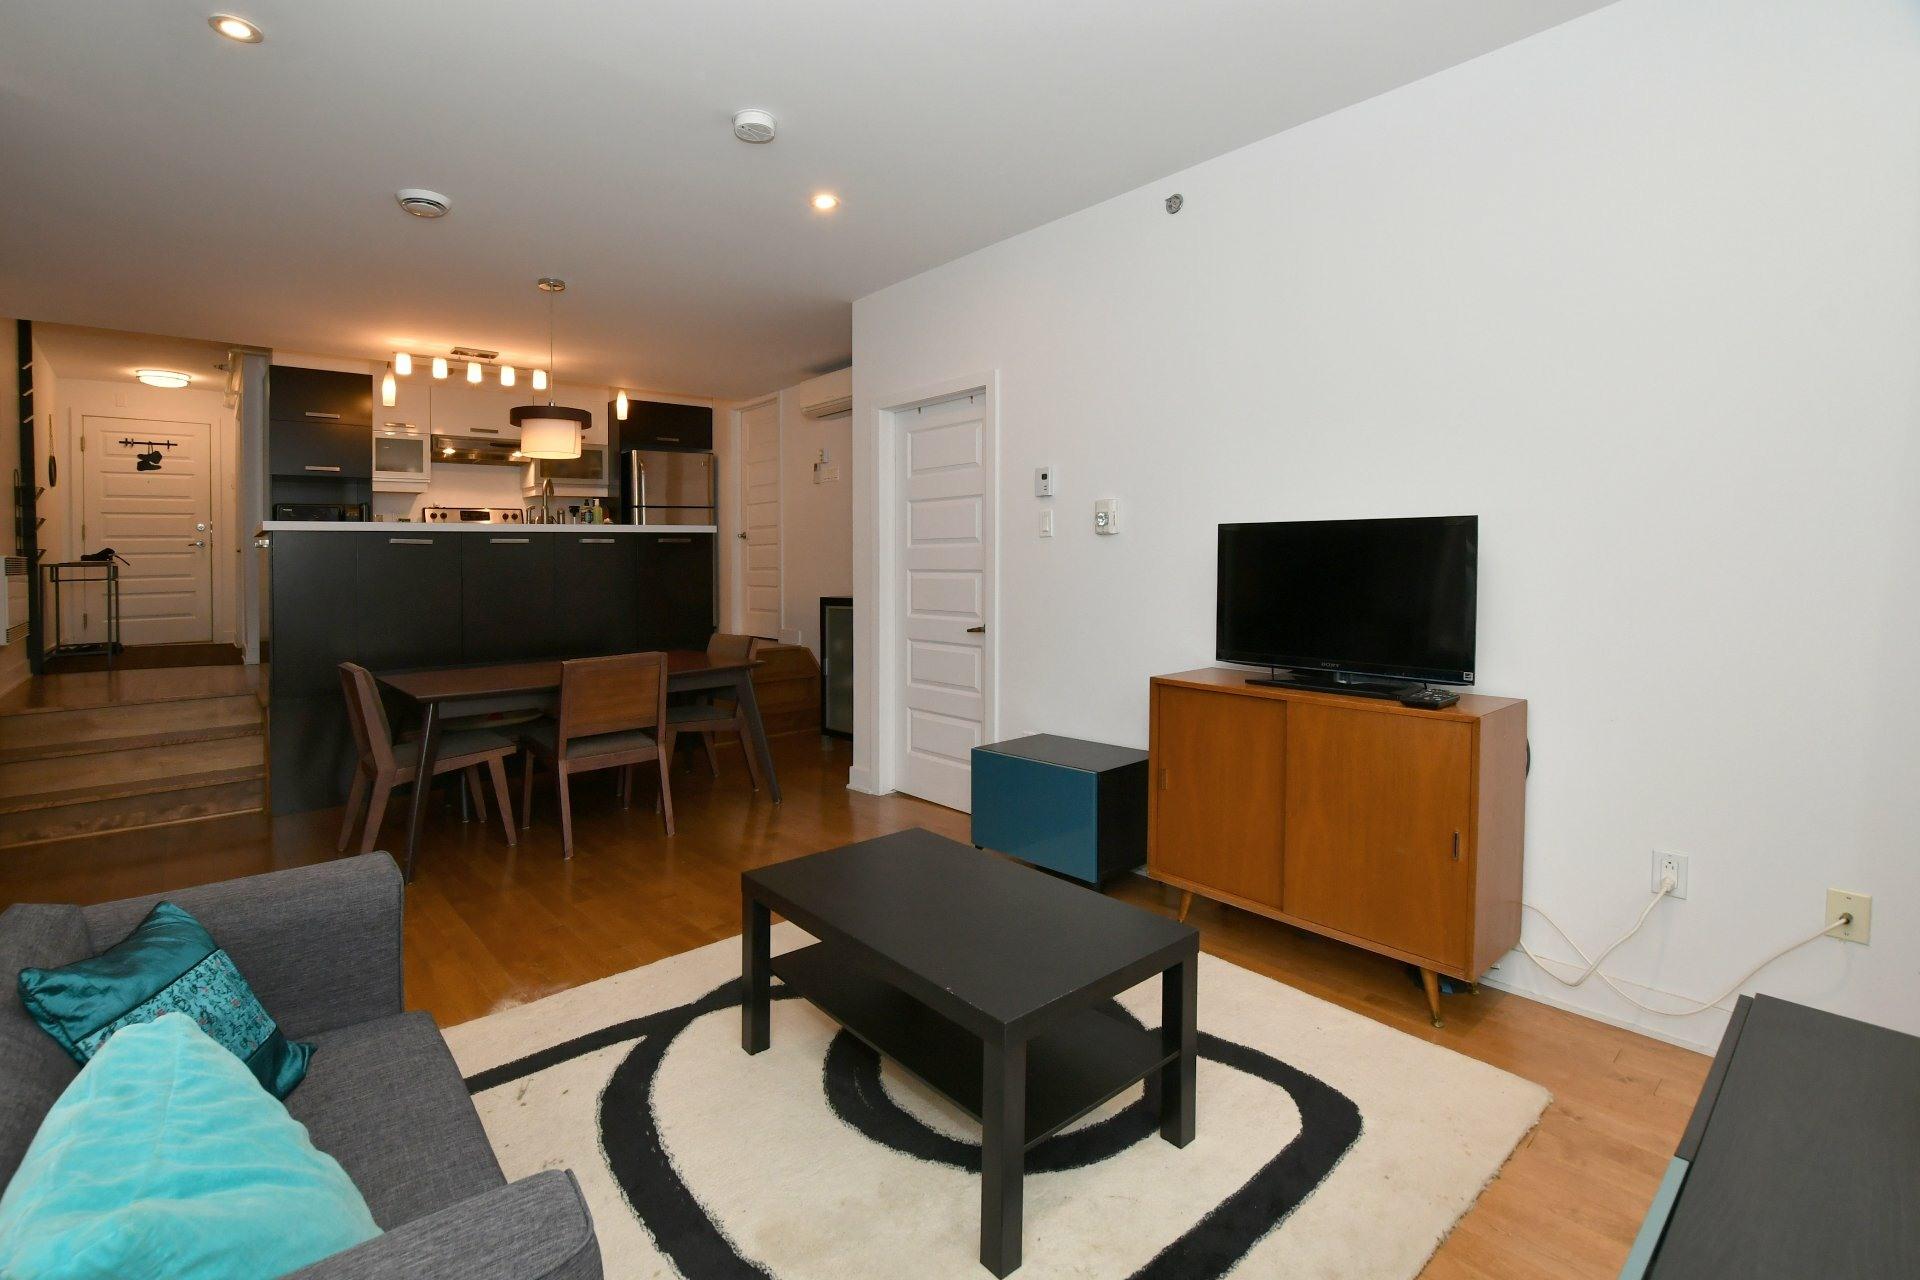 image 2 - Appartement À louer Le Plateau-Mont-Royal Montréal  - 4 pièces